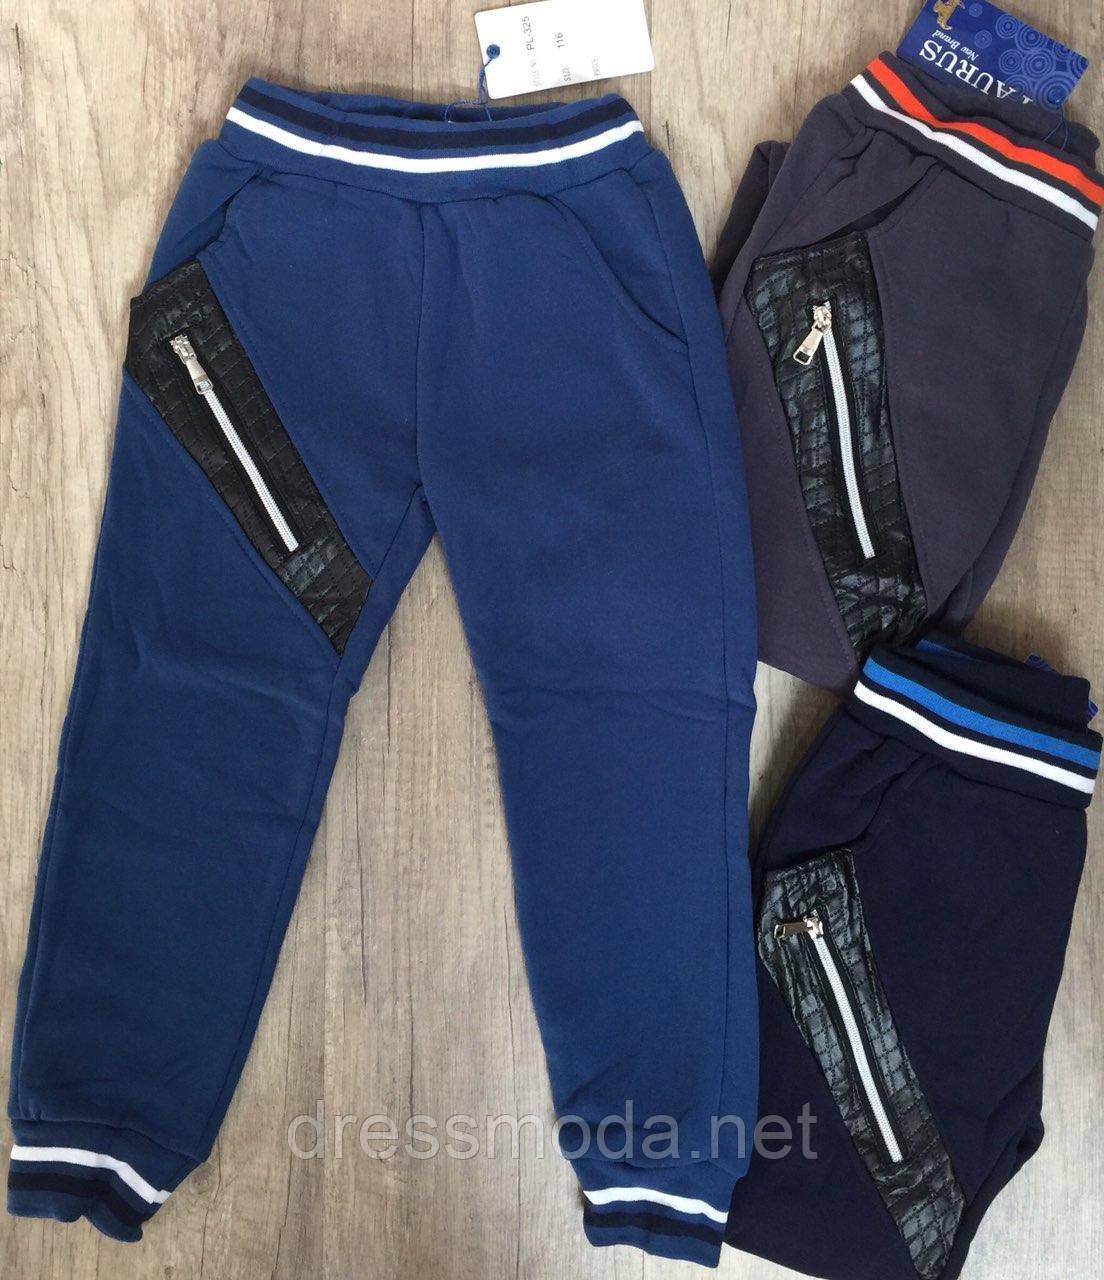 c8abb0aabbc0 Трикотажные спортивные брюки для мальчиков Taurus 110-140 p.p. ...